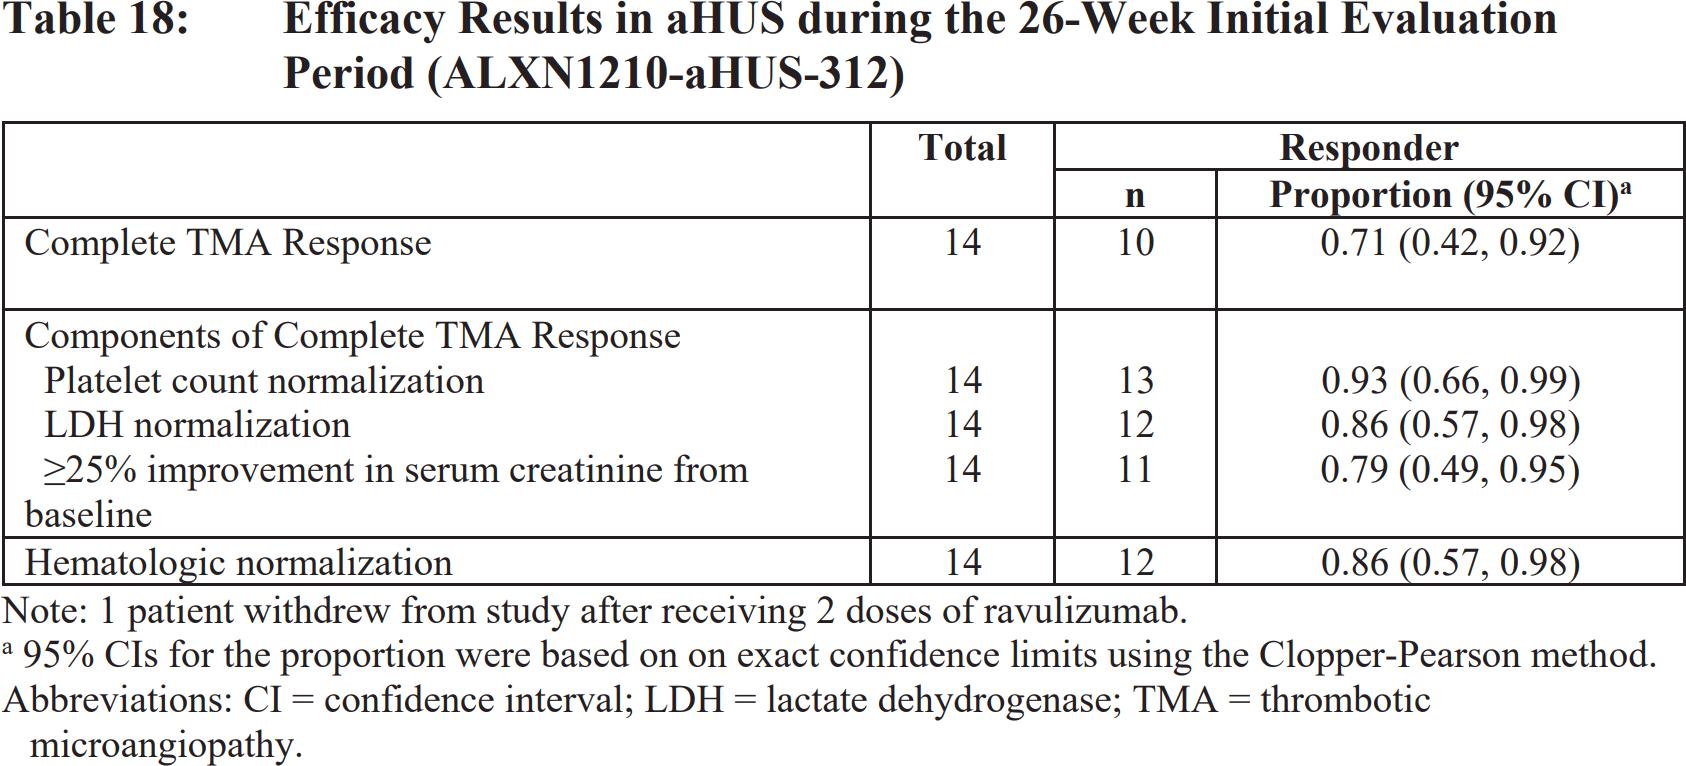 ultomiris efficacy results 02 - «Ултомирис» одобрен в терапии атипичного гемолитико-уремического синдромома